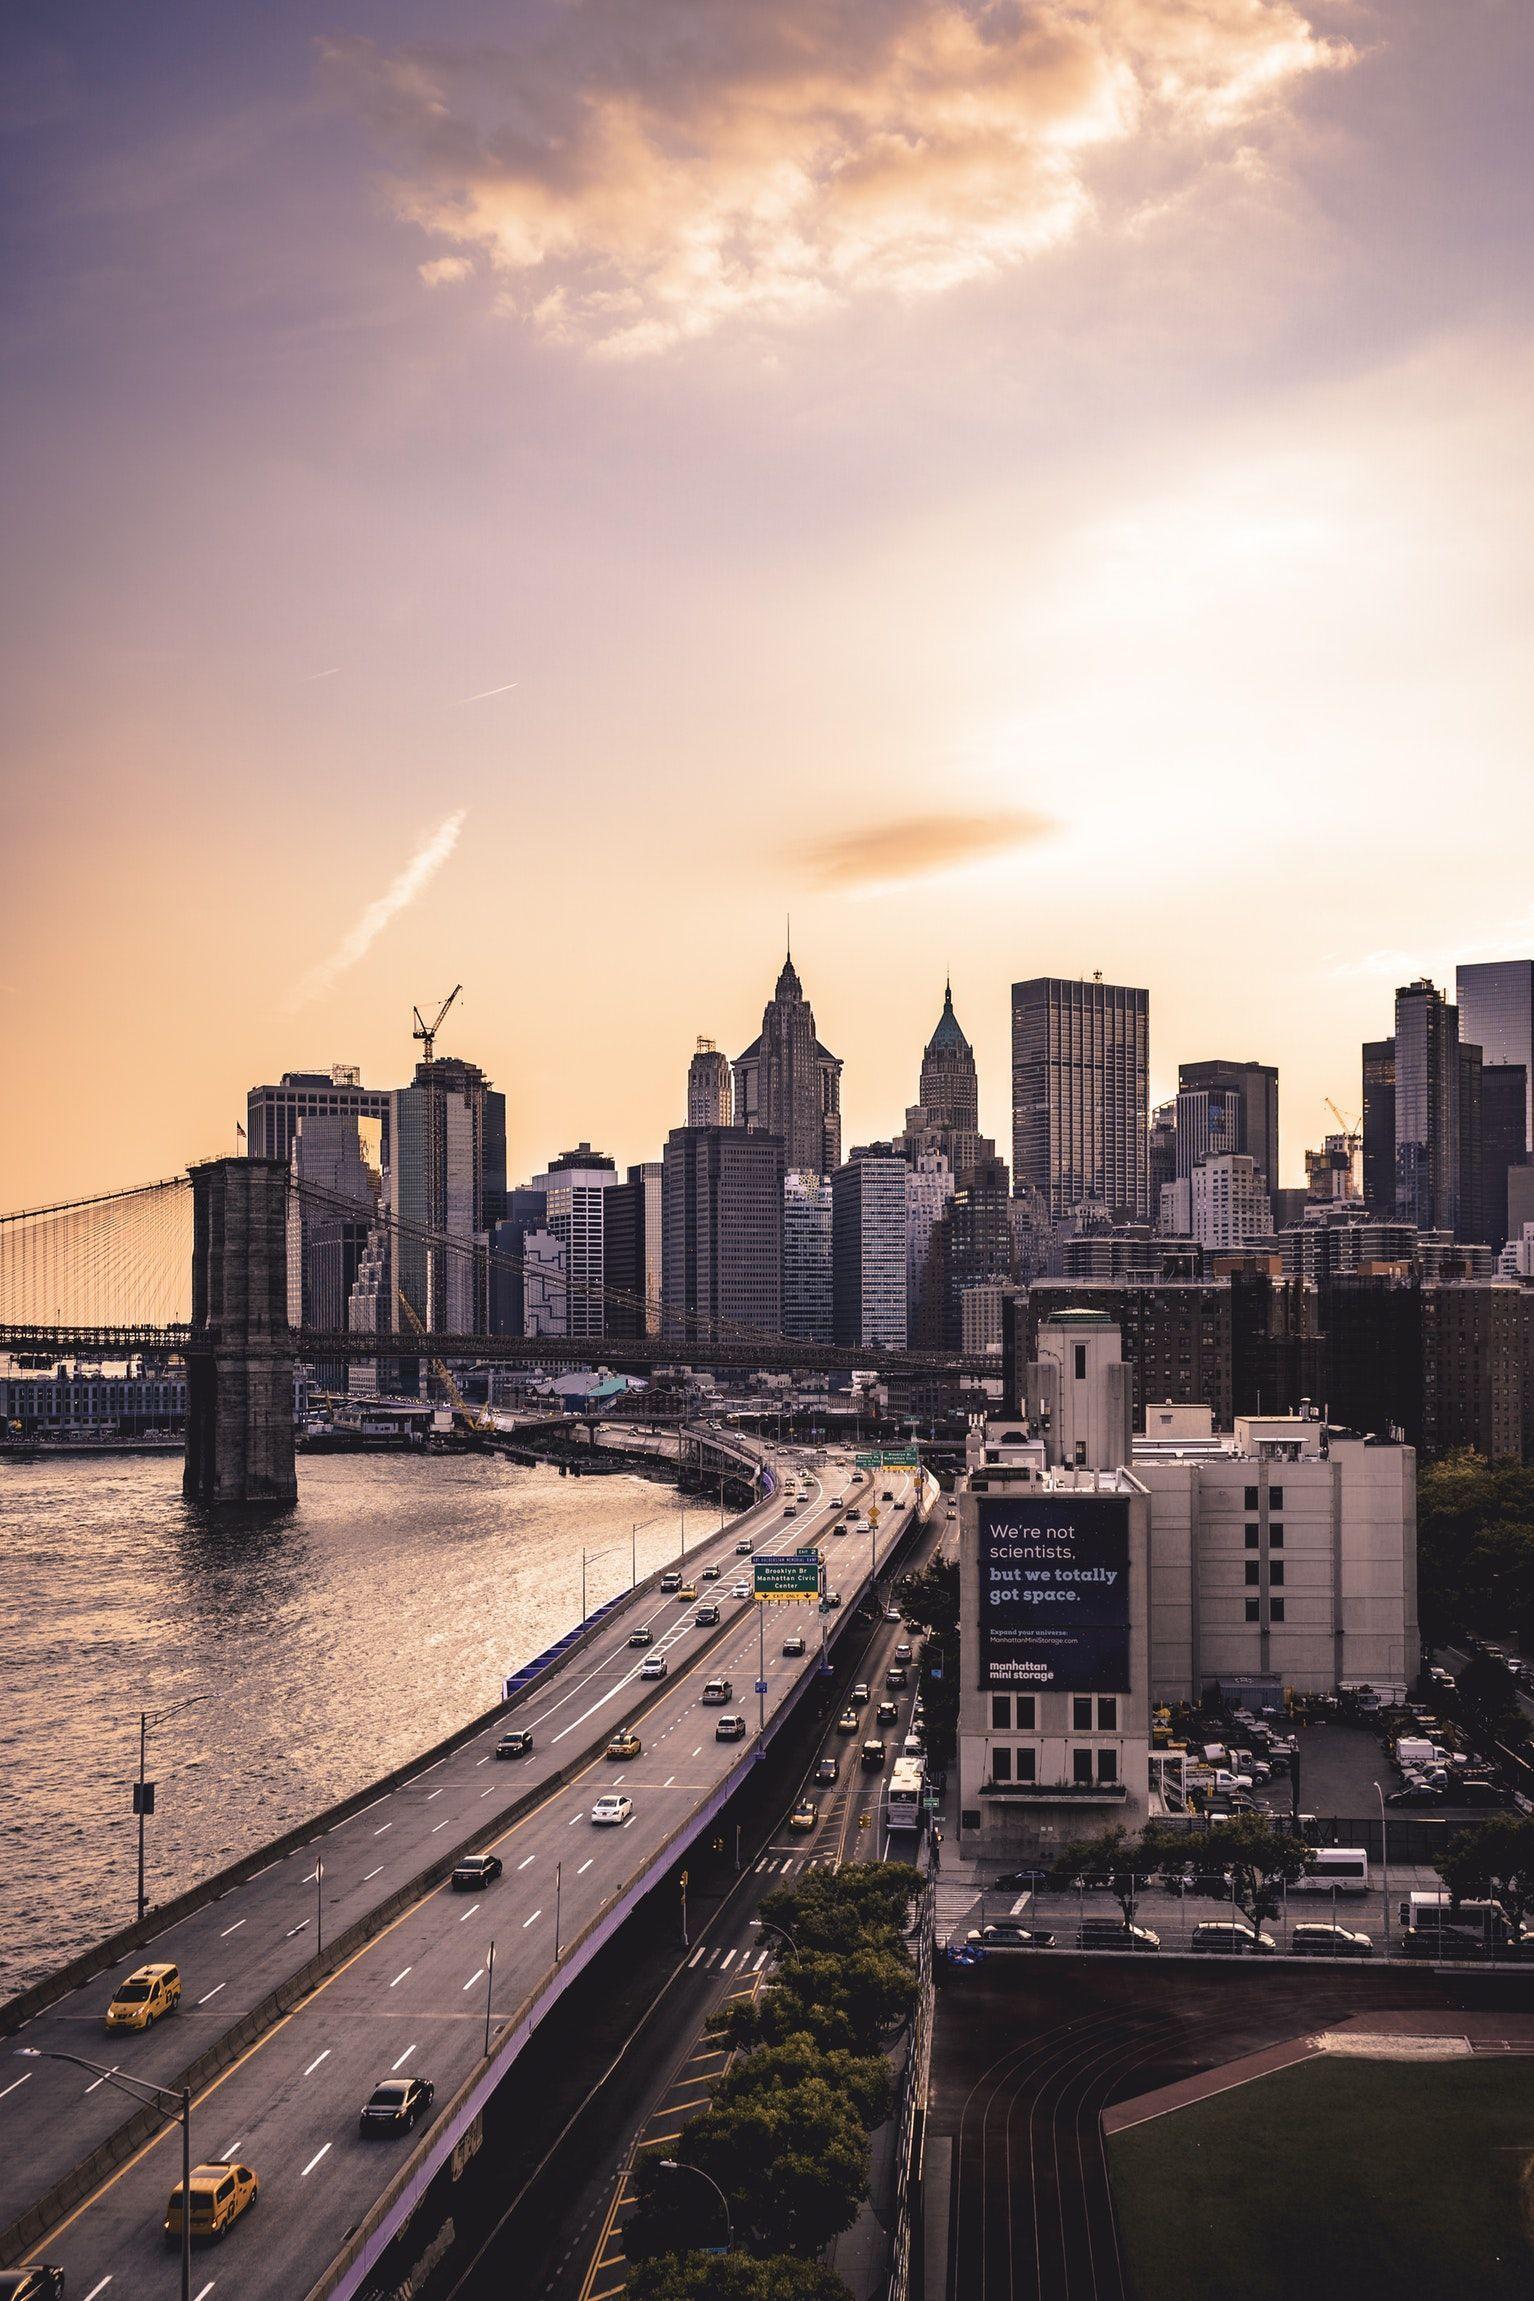 Activities In New York Newyork Activitesnewyork Activitesnewyork Activities Newyork 4k Wallpaper For Mobile Android Wallpaper Hd Wallpaper Android